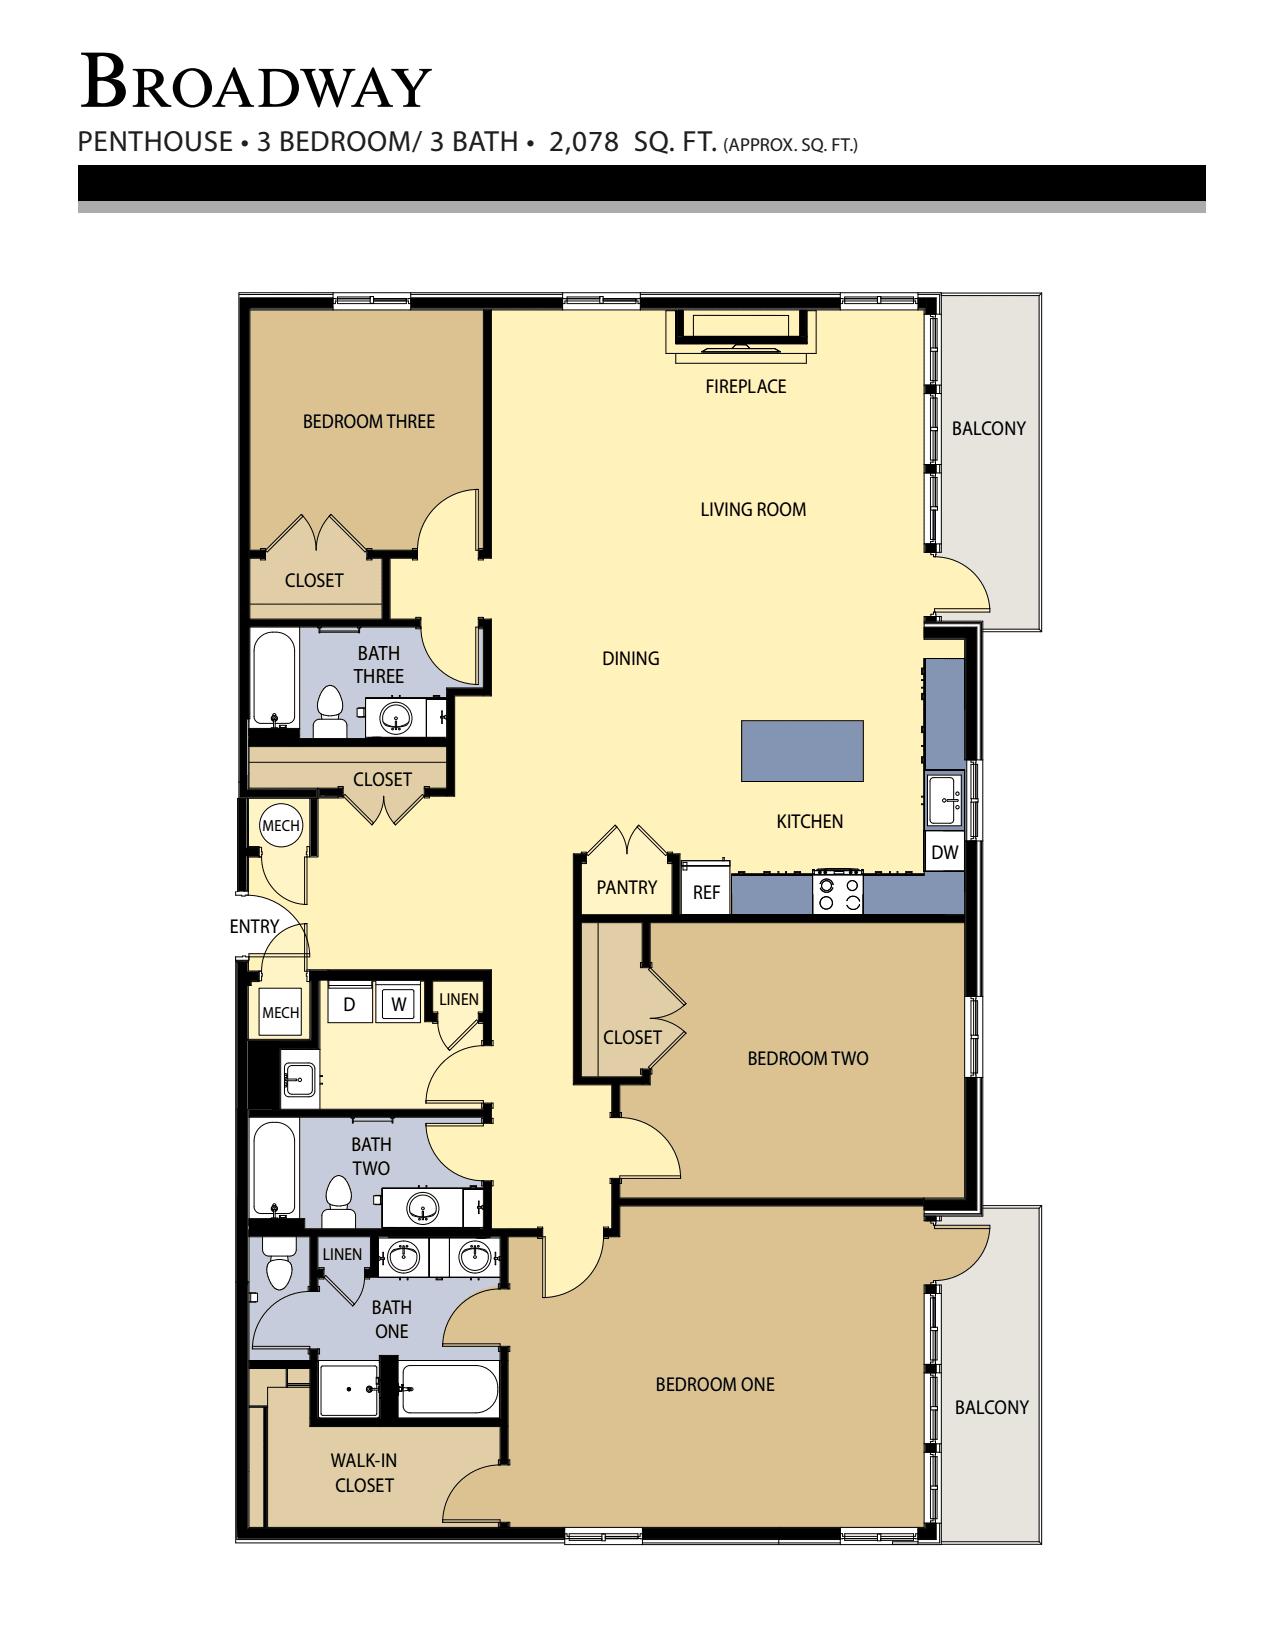 Broadway floor plan - 3 Bed / 3 Bath (2,078 Sq Ft)